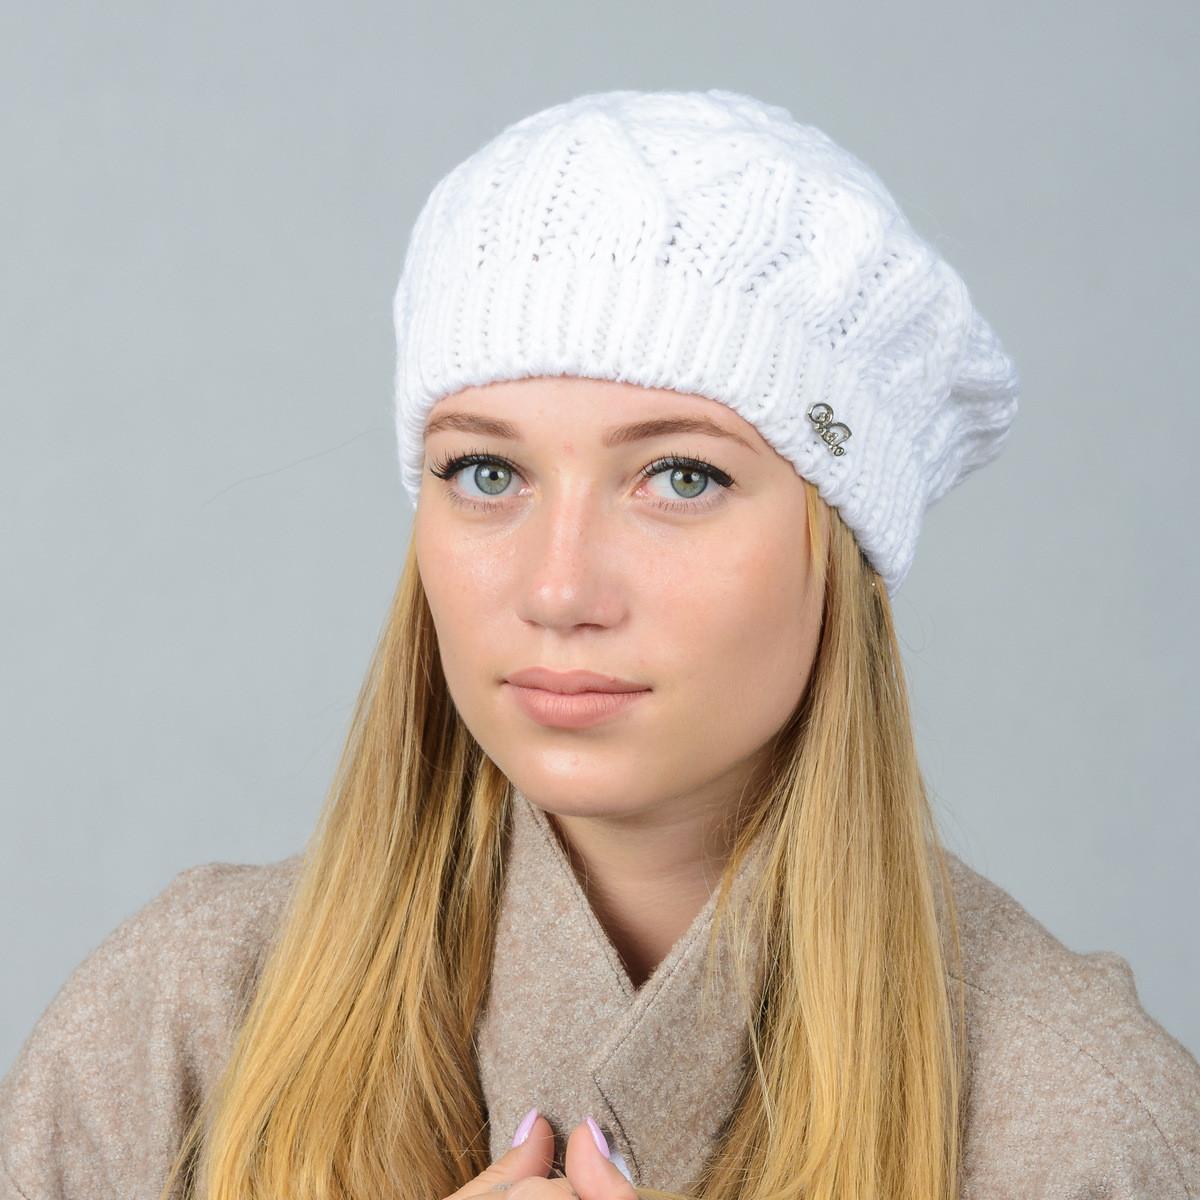 bf93d1a445b4 Вязаные женские береты оптом: купить береты оптом, цена в Хмельницком,  береты ...